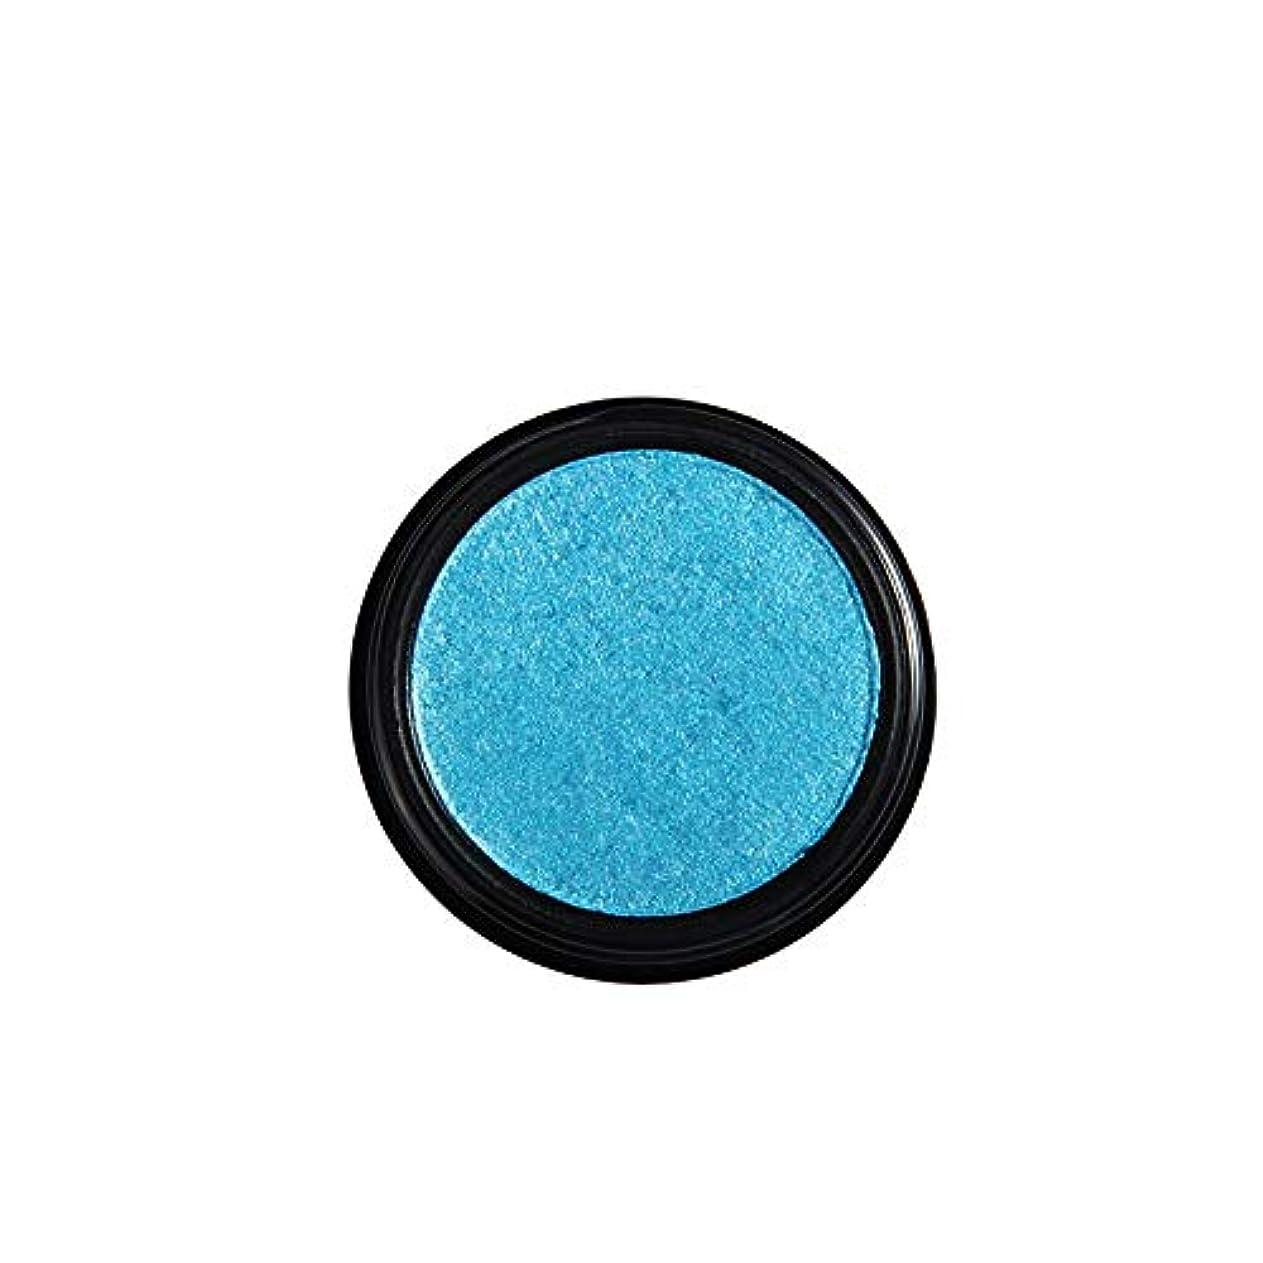 読むびっくりする管理しますAkane アイシャドウパレット PHOERA ファッション 高級 美しい ひとつだけ 単なる 魅力的 キラキラ メタリック 綺麗 素敵 持ち便利 日常 Eye Shadow (24色)